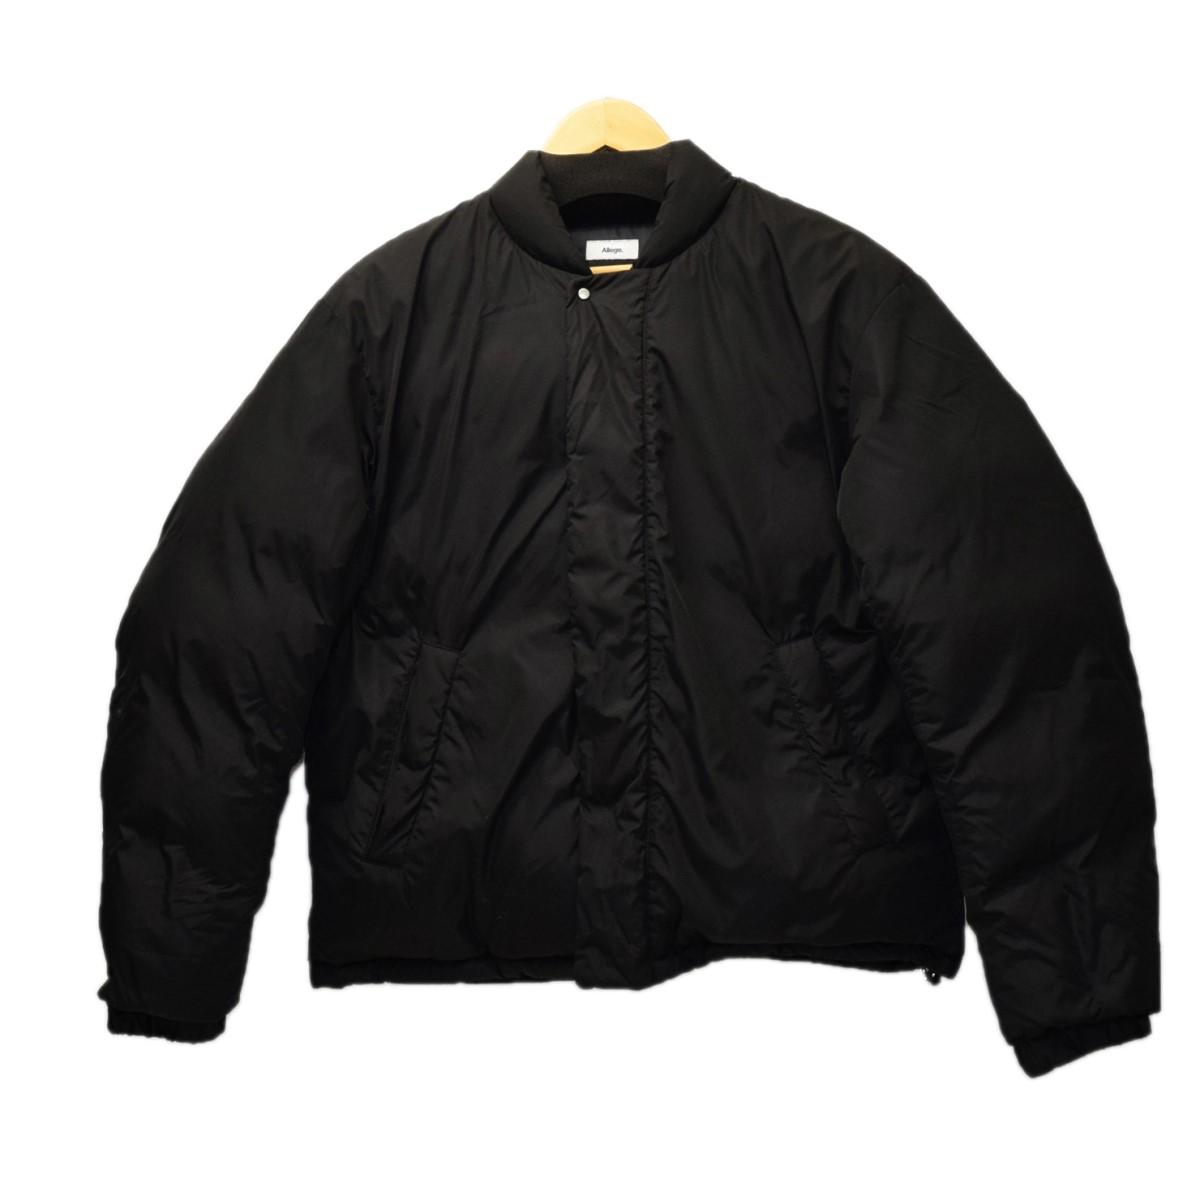 【中古】ALLEGE 2018AW ダウンジャケット ブラック サイズ:2 【241119】(アレッジ)